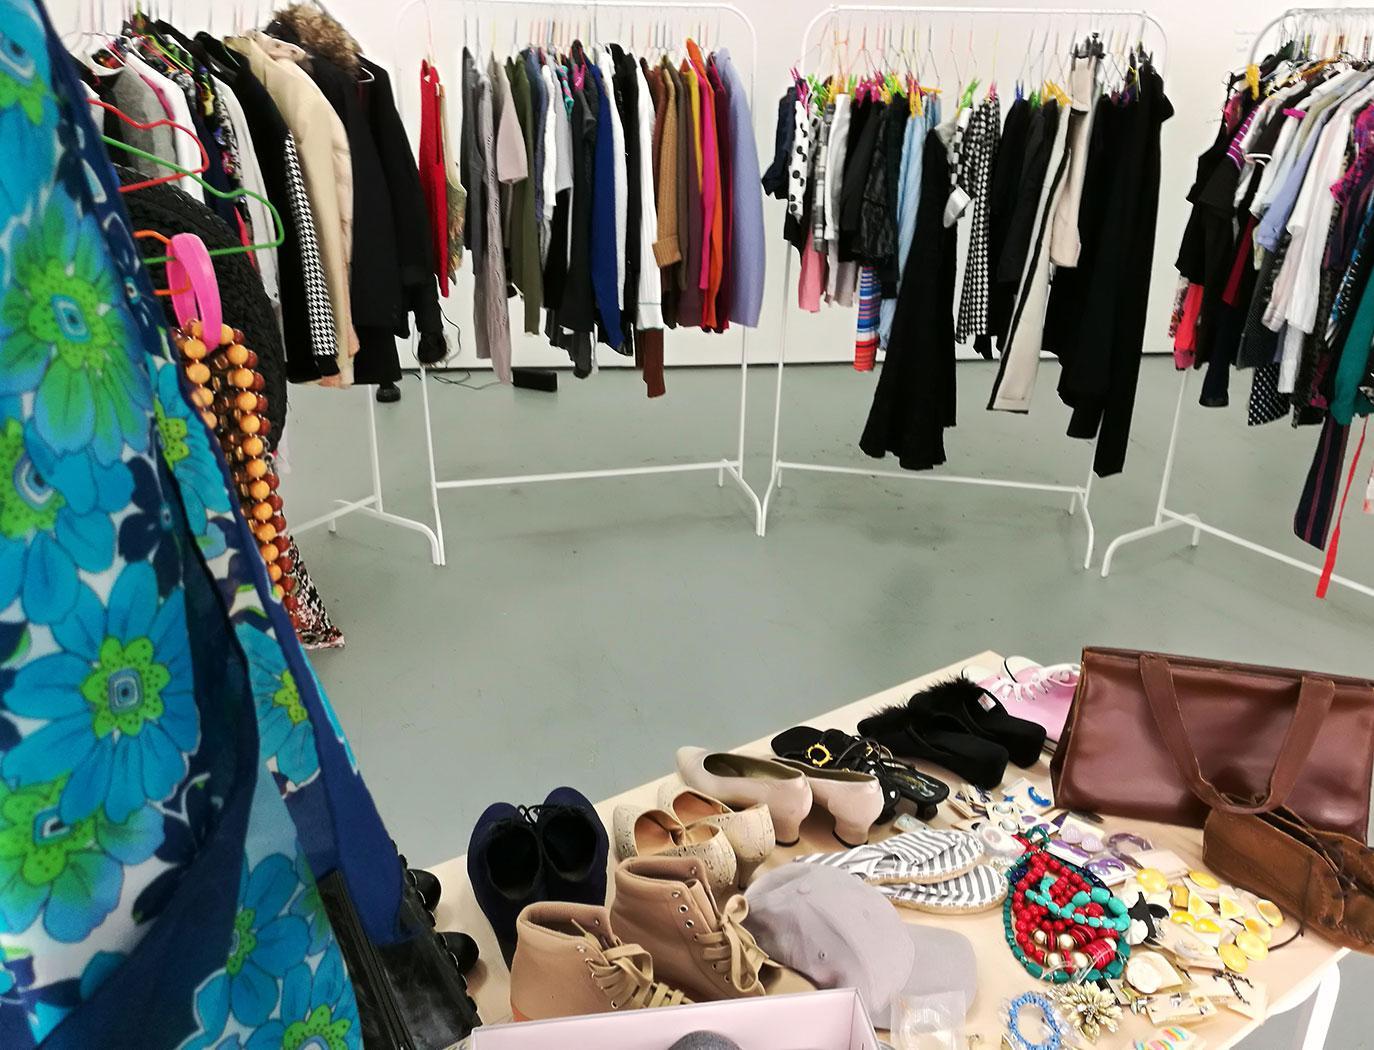 На фримаркете можно обменяться одеждой, игрушками, косметикой и украшениями